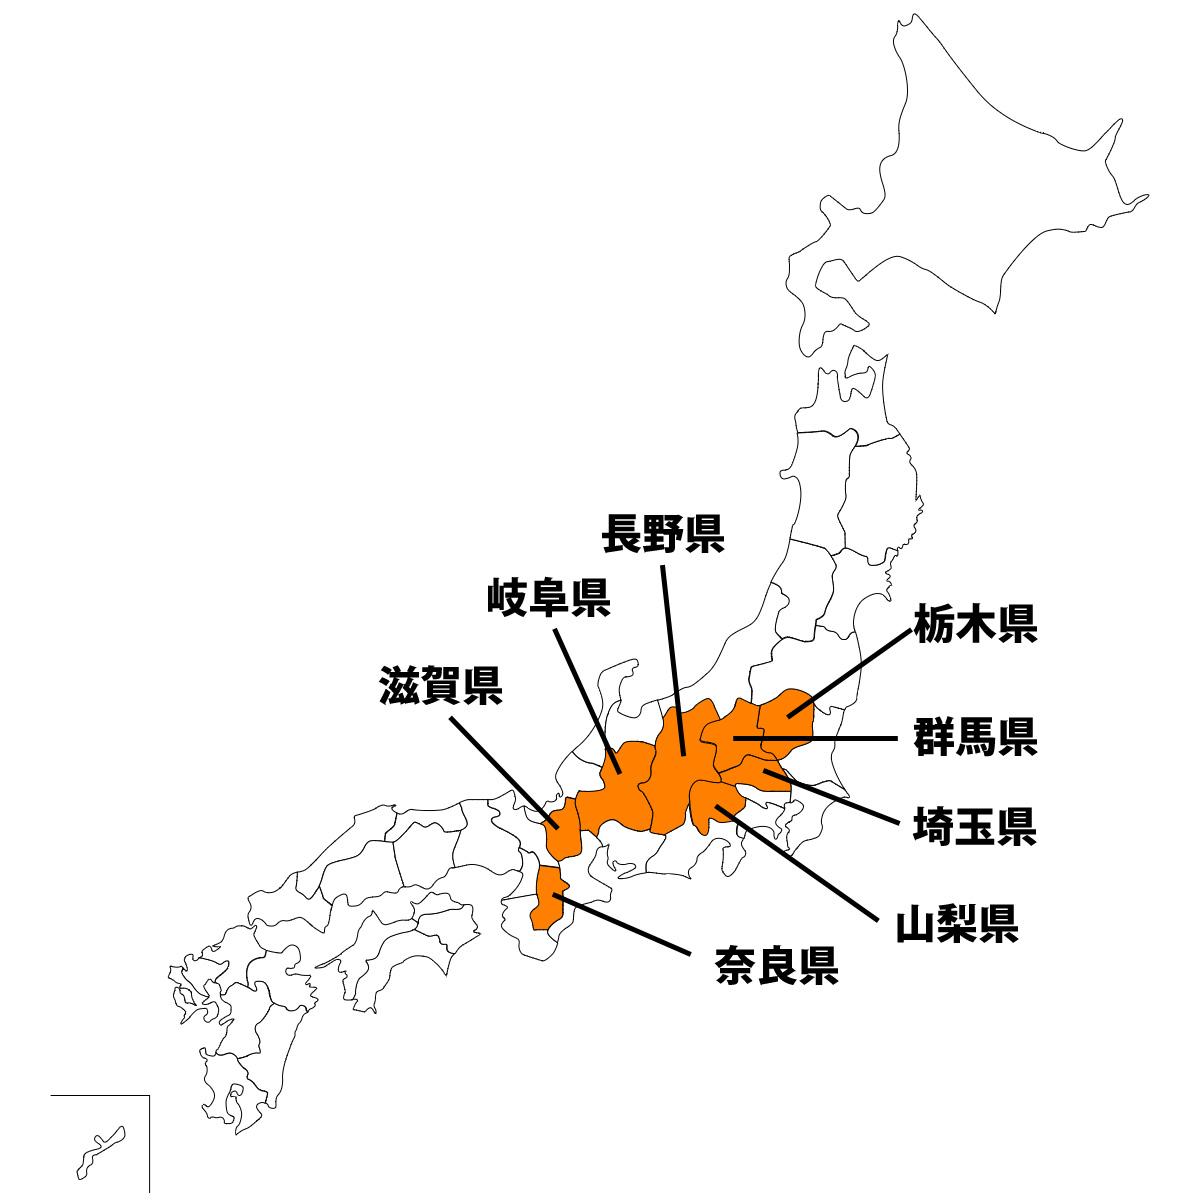 海なし県(内陸県)の地図